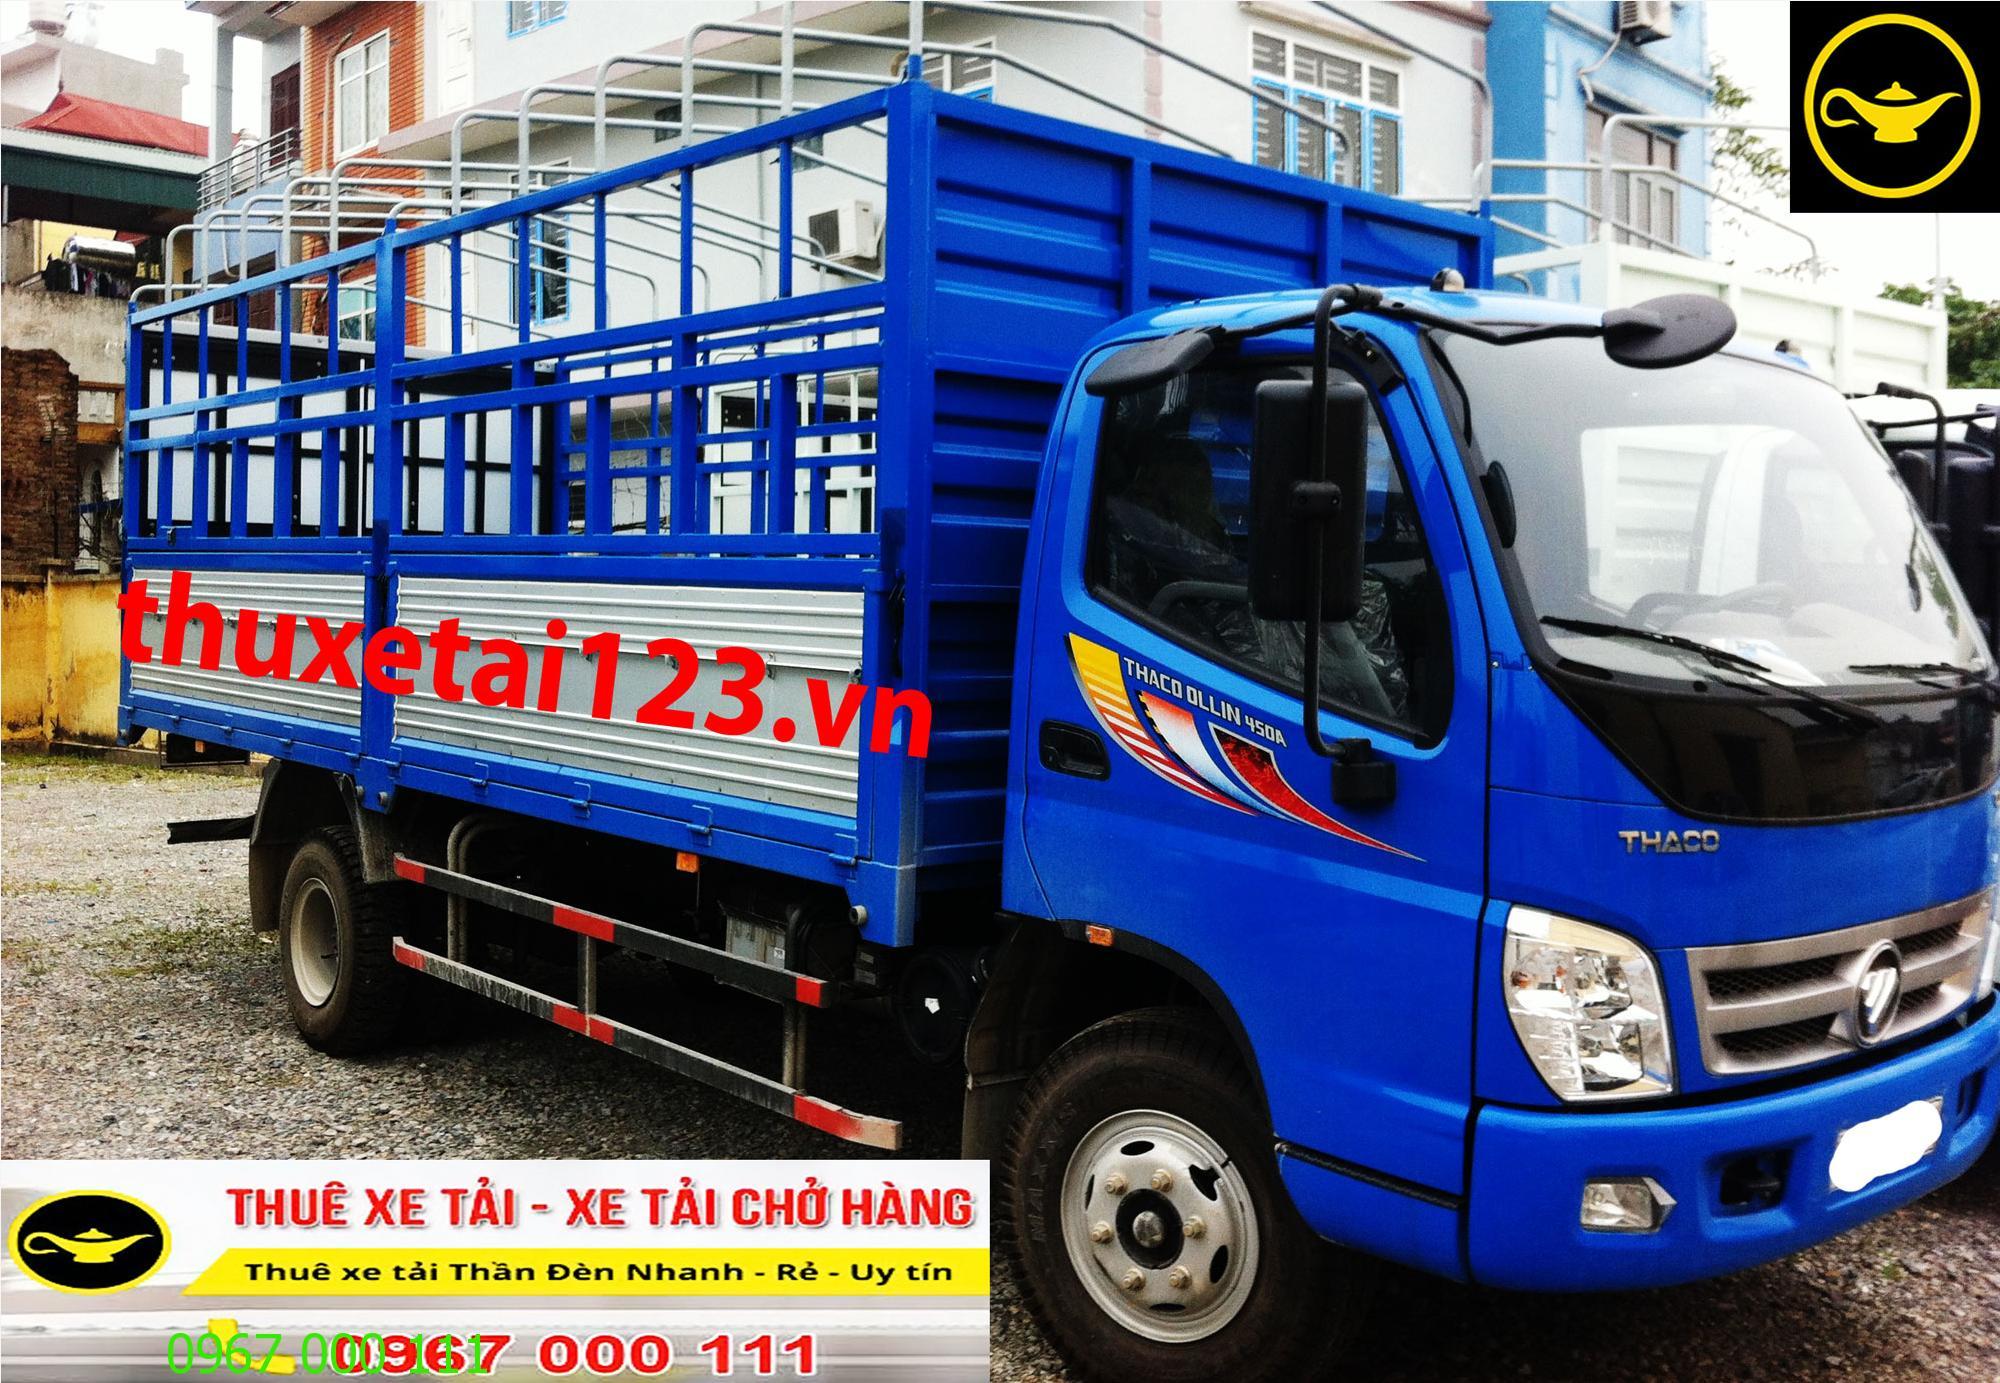 Taxi tải Thần Đèn giải pháp chuyển nhà dịp Tết 2017